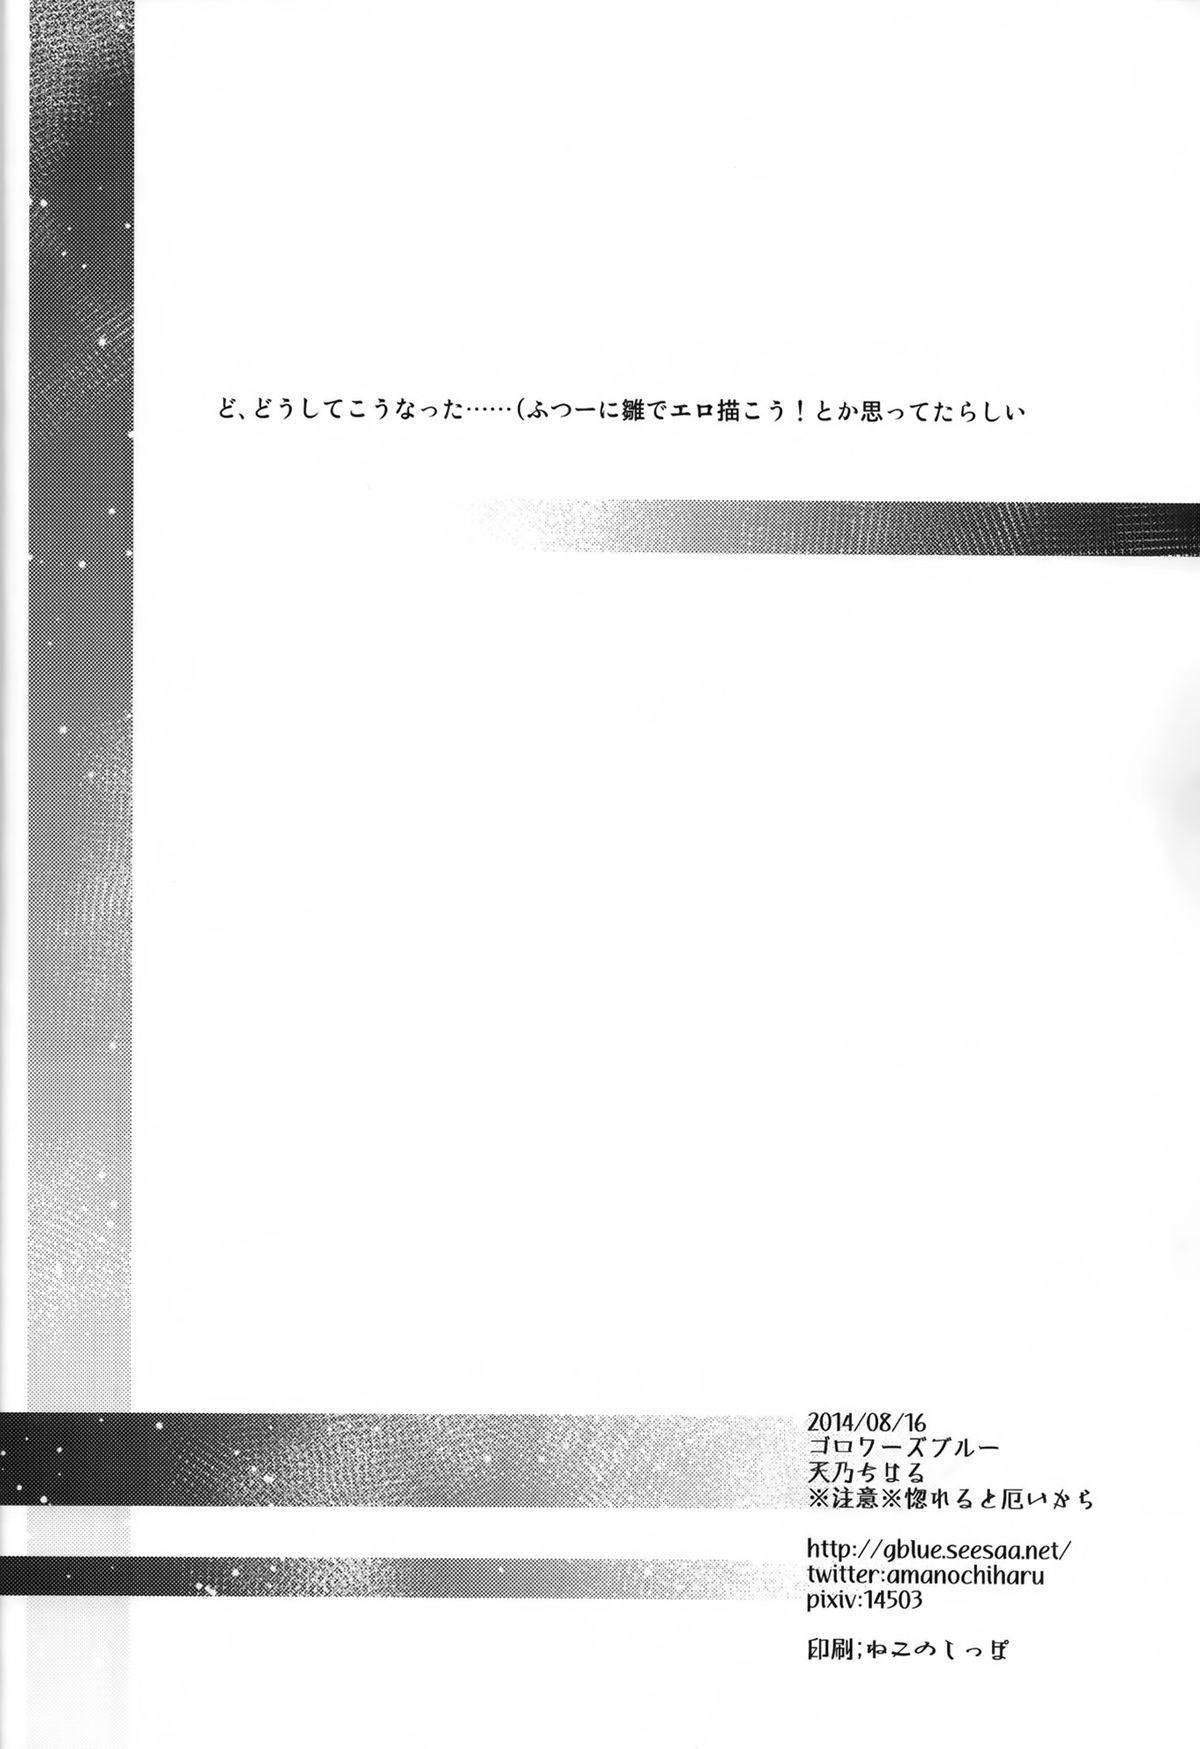 *Chuui* Horeru to Yakui kara 22